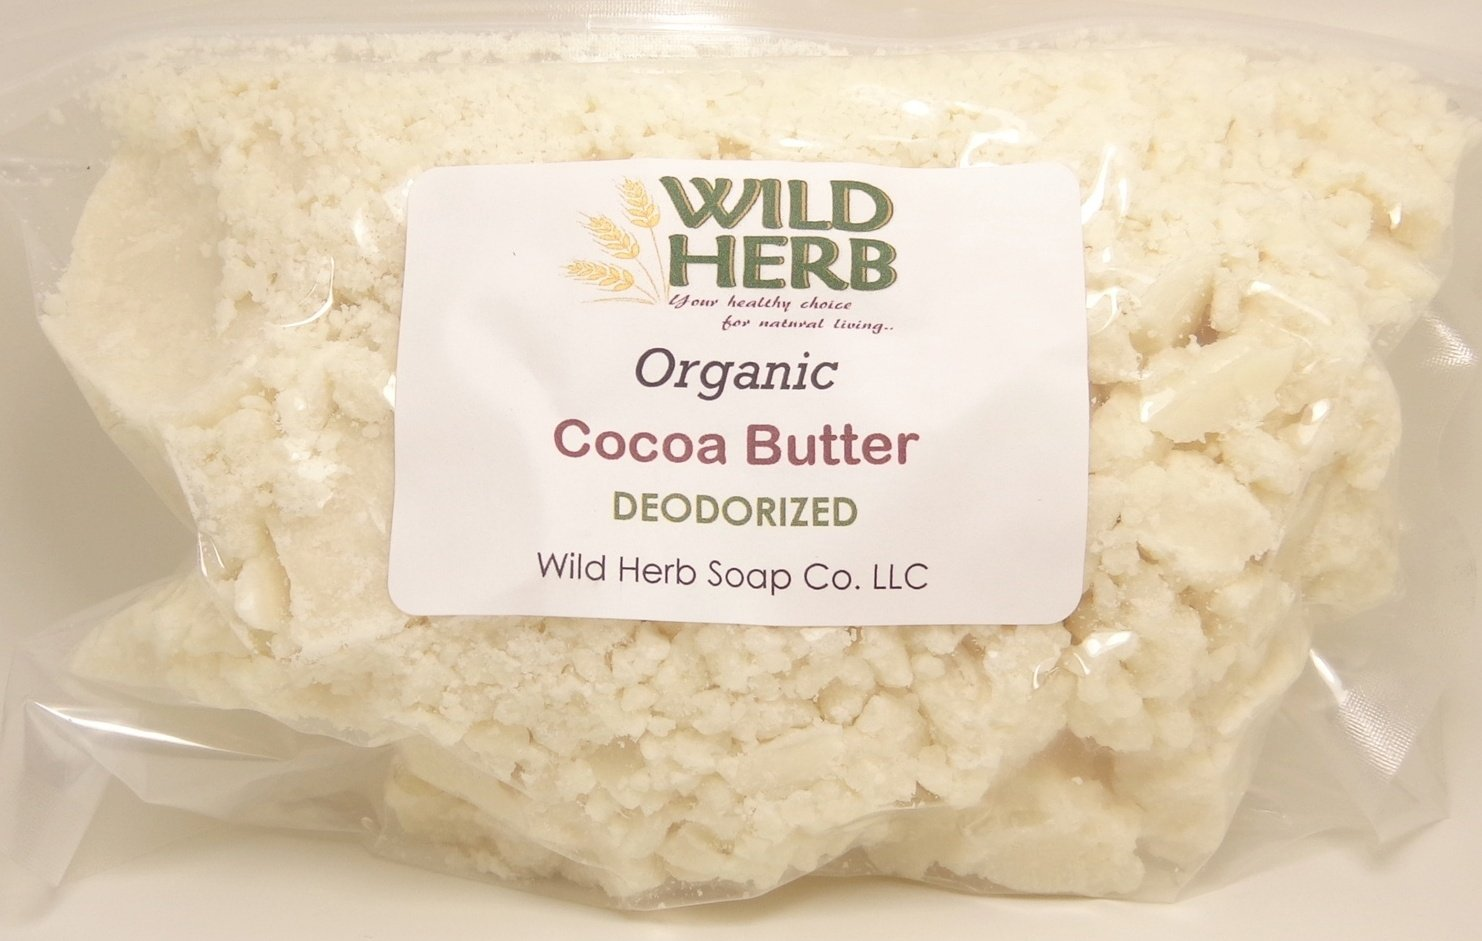 Deodorized Cocoa Butter Organic